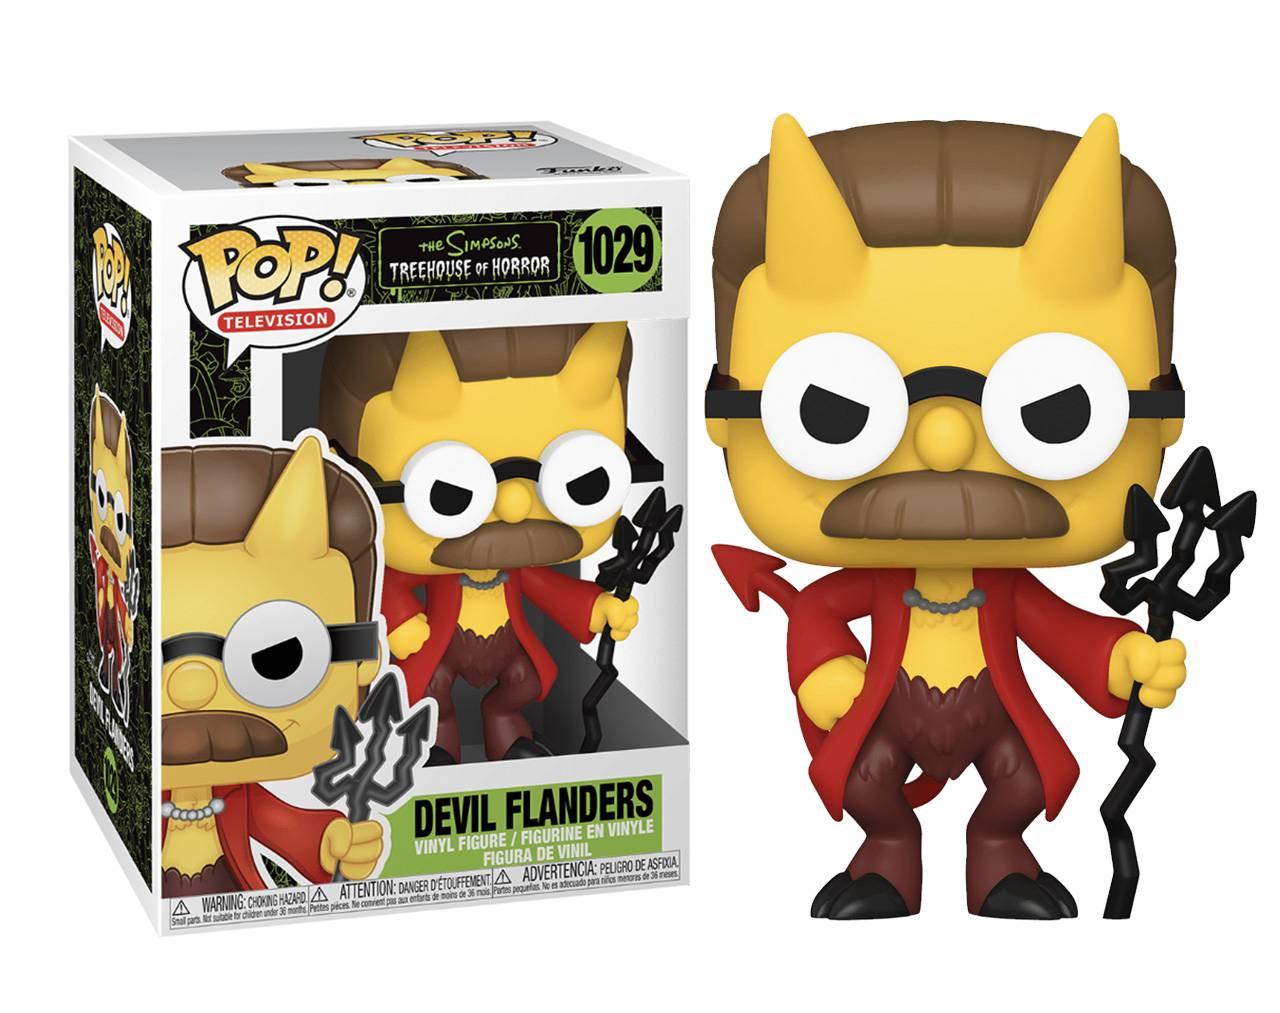 Devil Flanders Pop! Vinyl